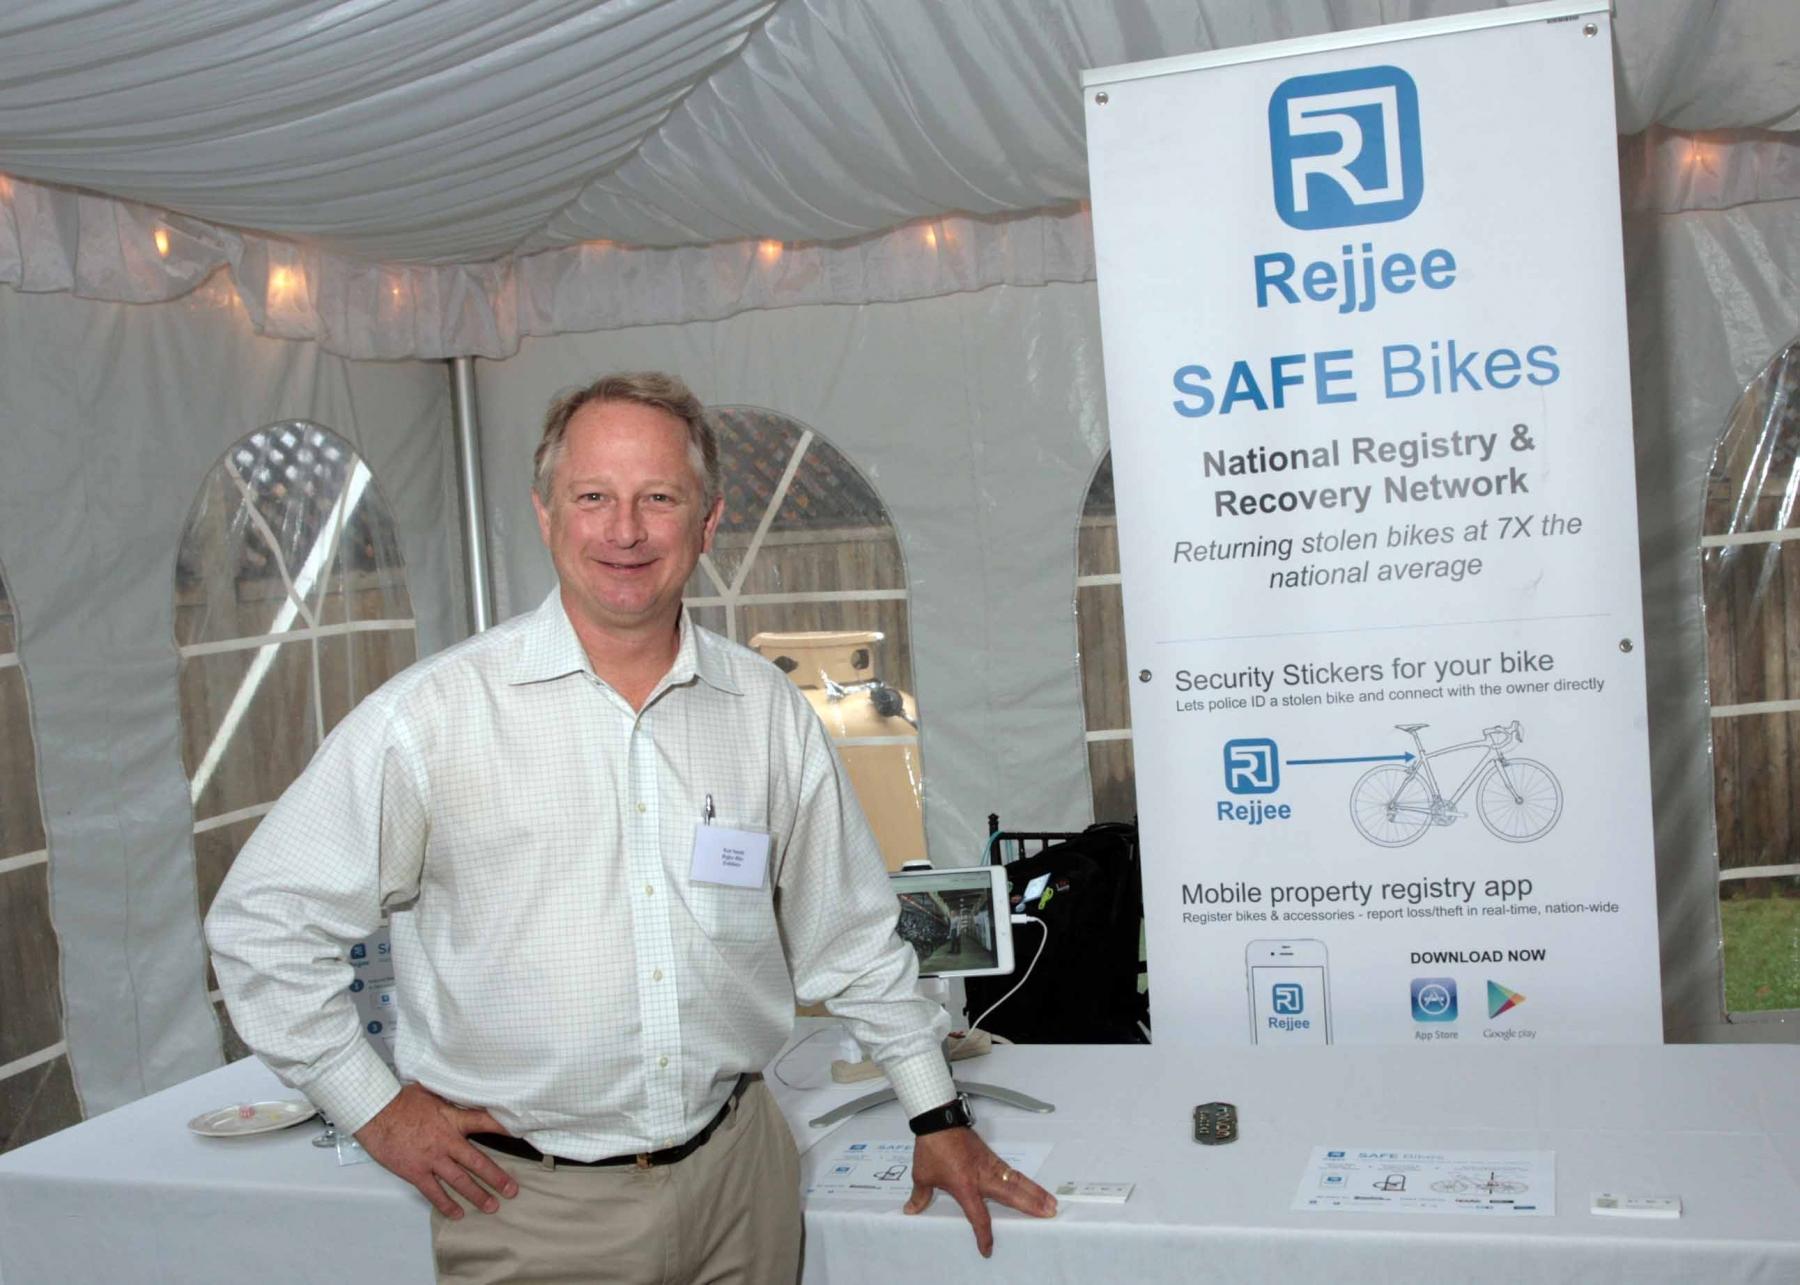 Rejjee Safe Bikes - MA PTA Health Summit Vendors